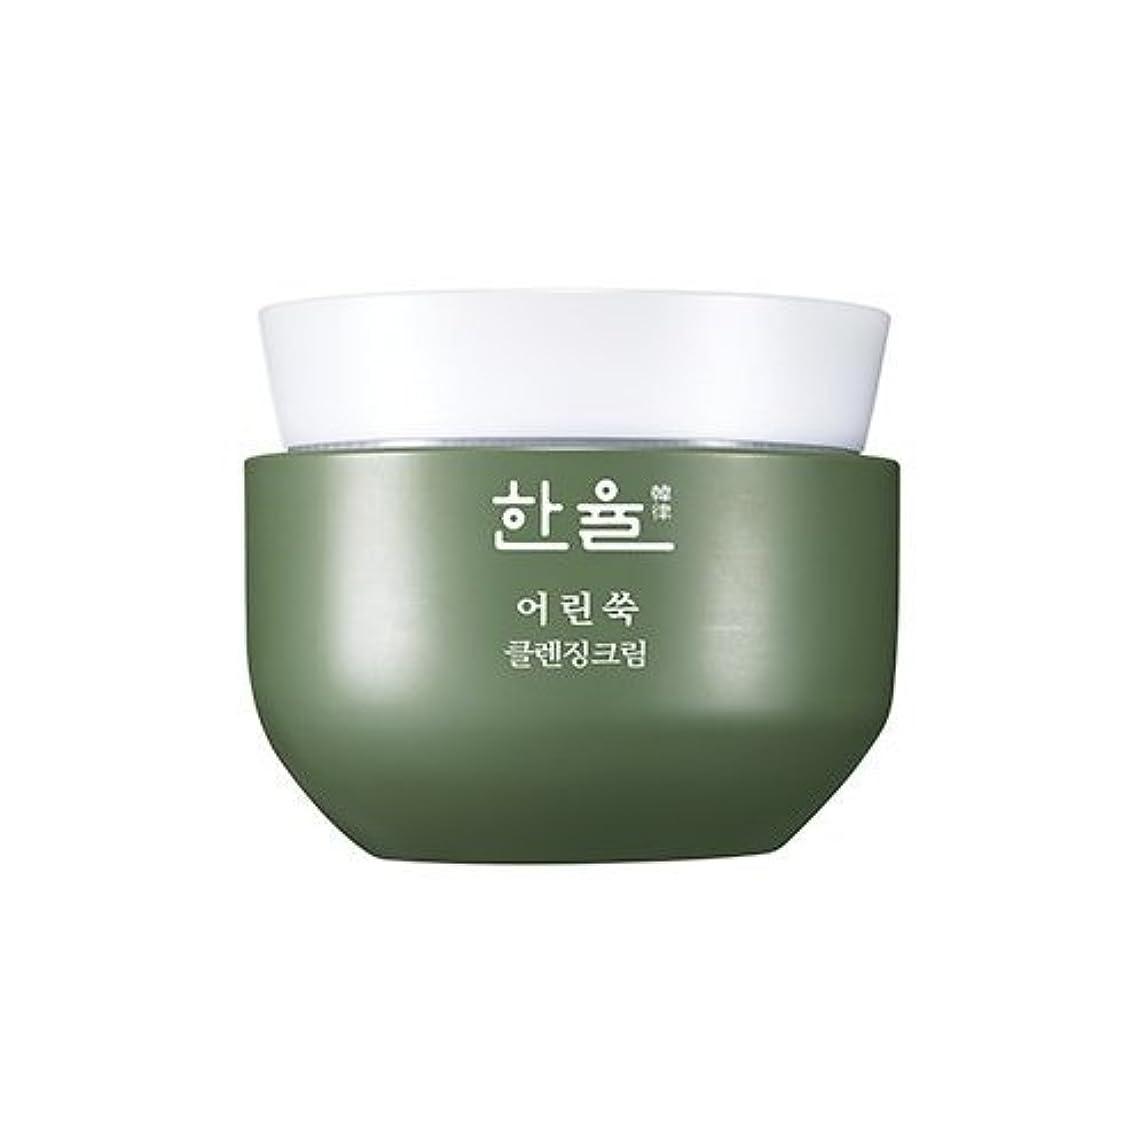 Hanyul Pure Artemisia Cleansing Cream